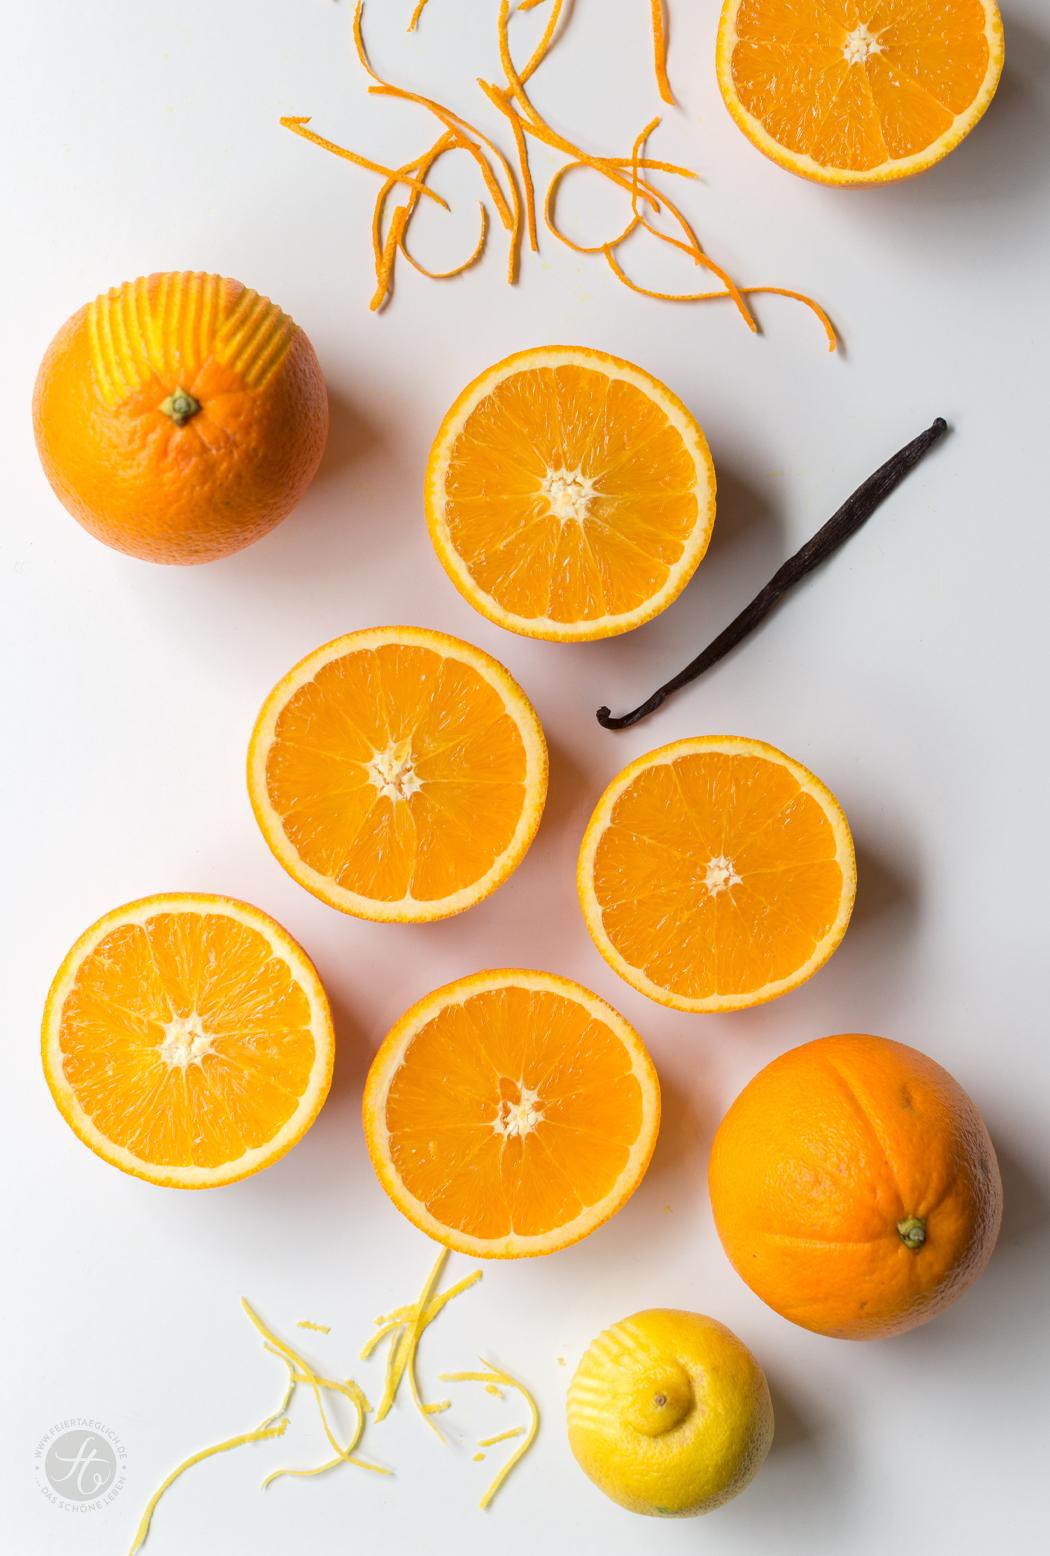 Orangen, Zitronen und Vanilleschote, Zubereitung Orangen-Vanille Marmelade